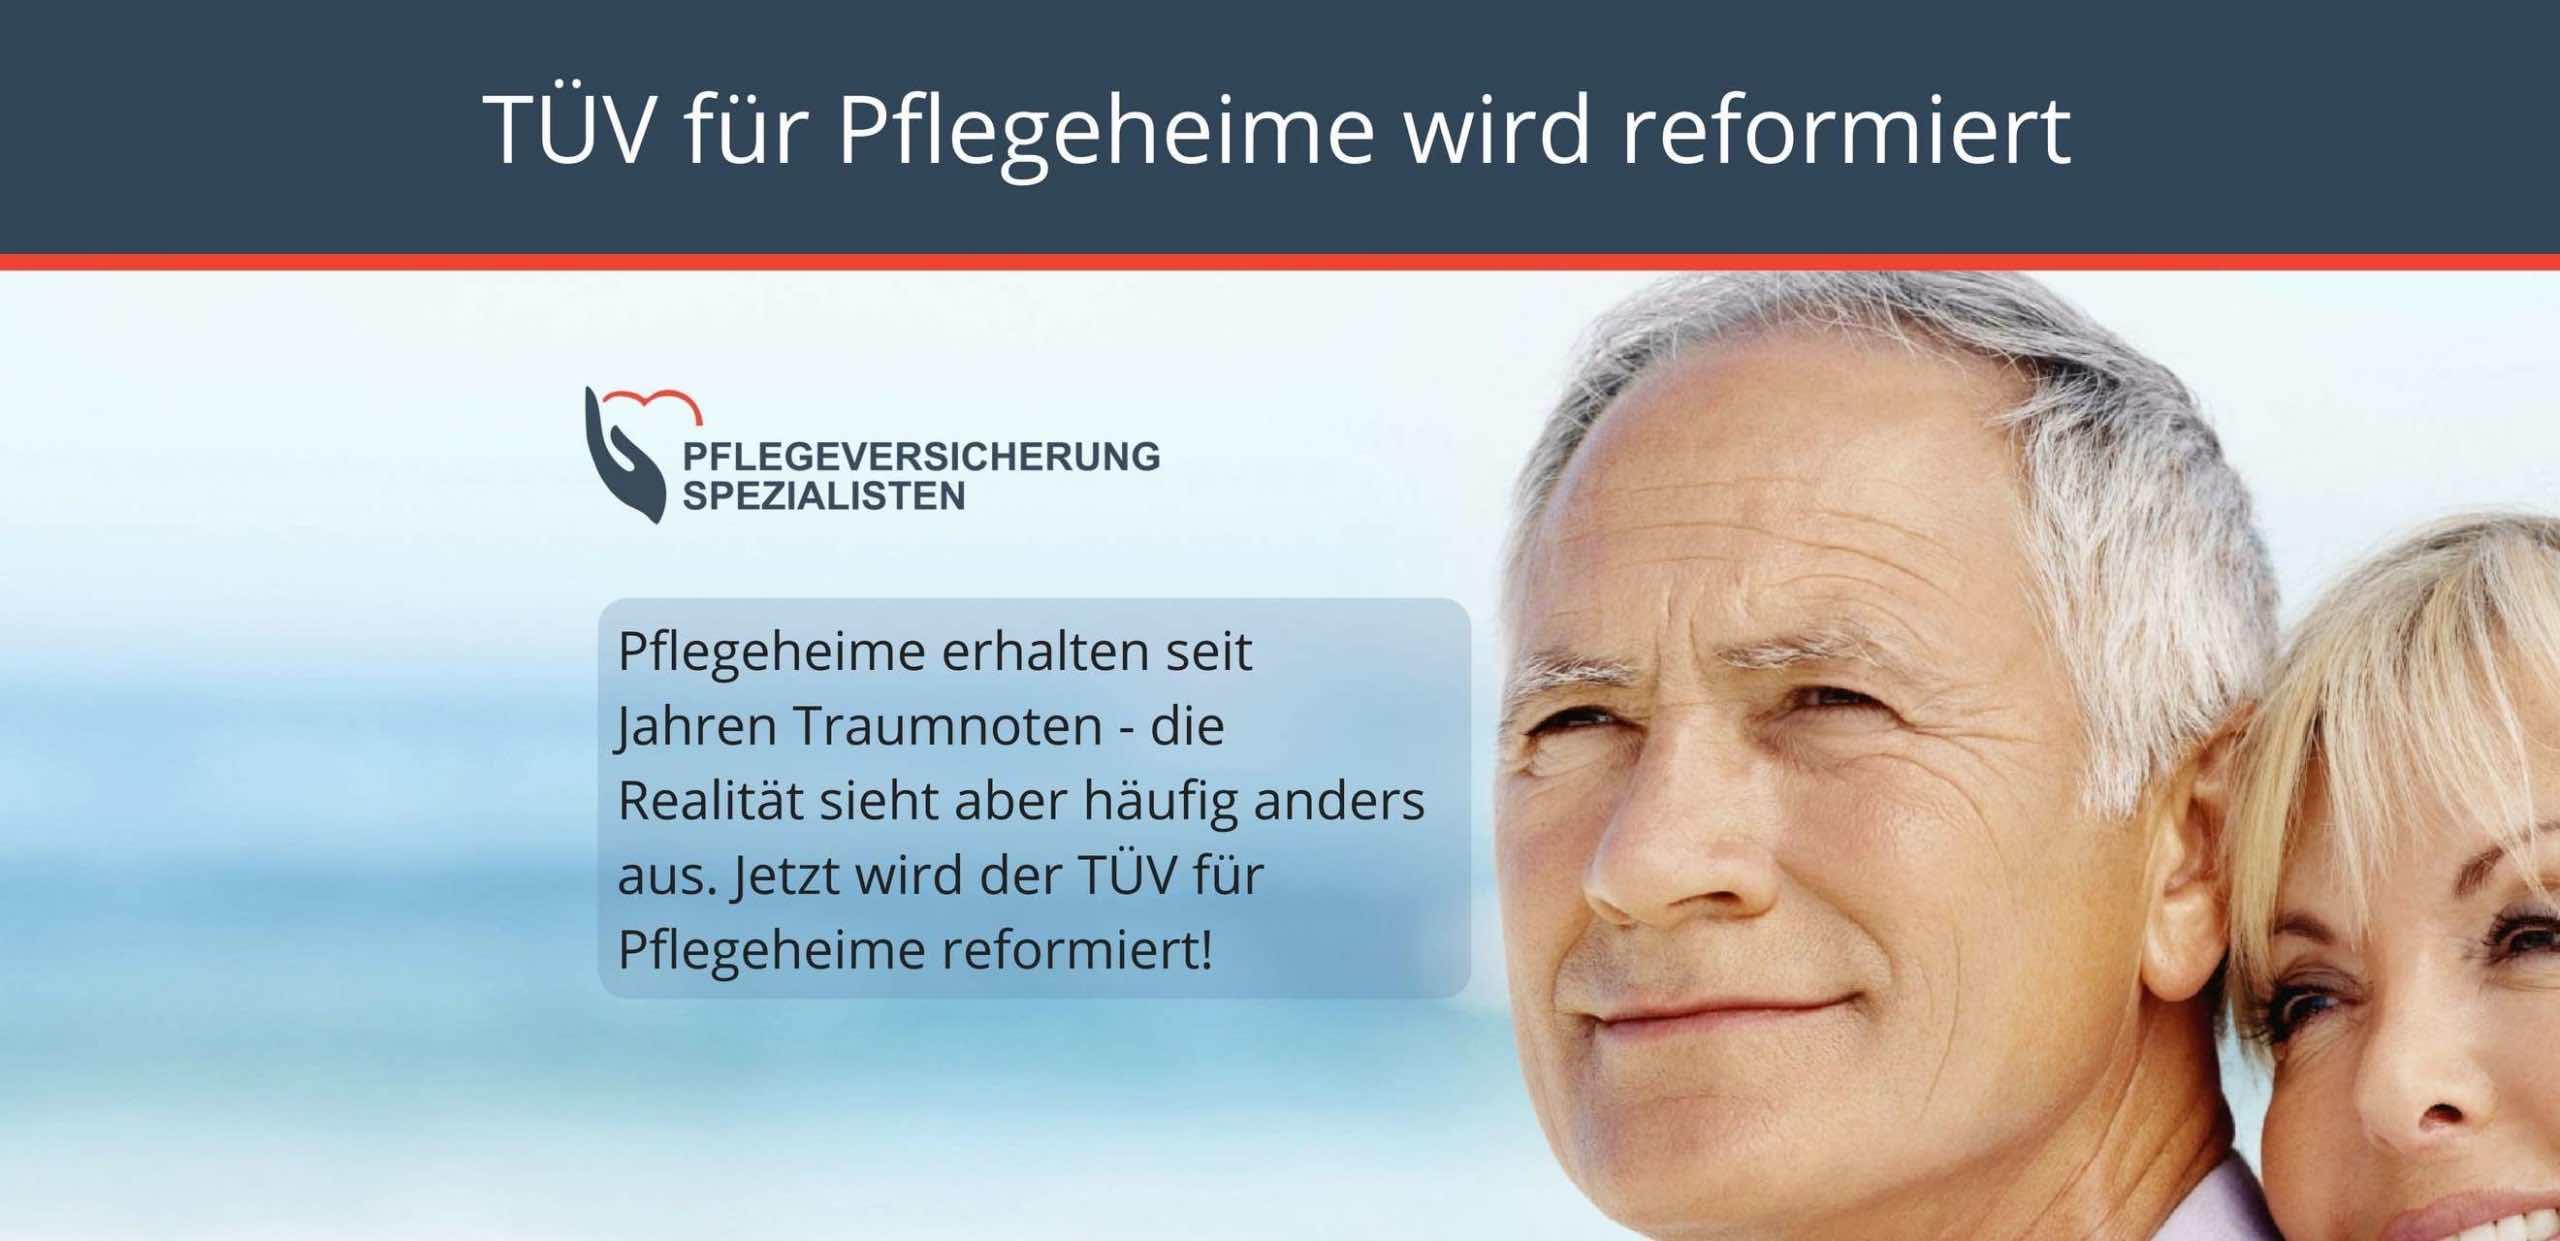 Die Pflegeversicherung Spezialisten informieren : Der TÜV für Pflegeheime wird reformiert